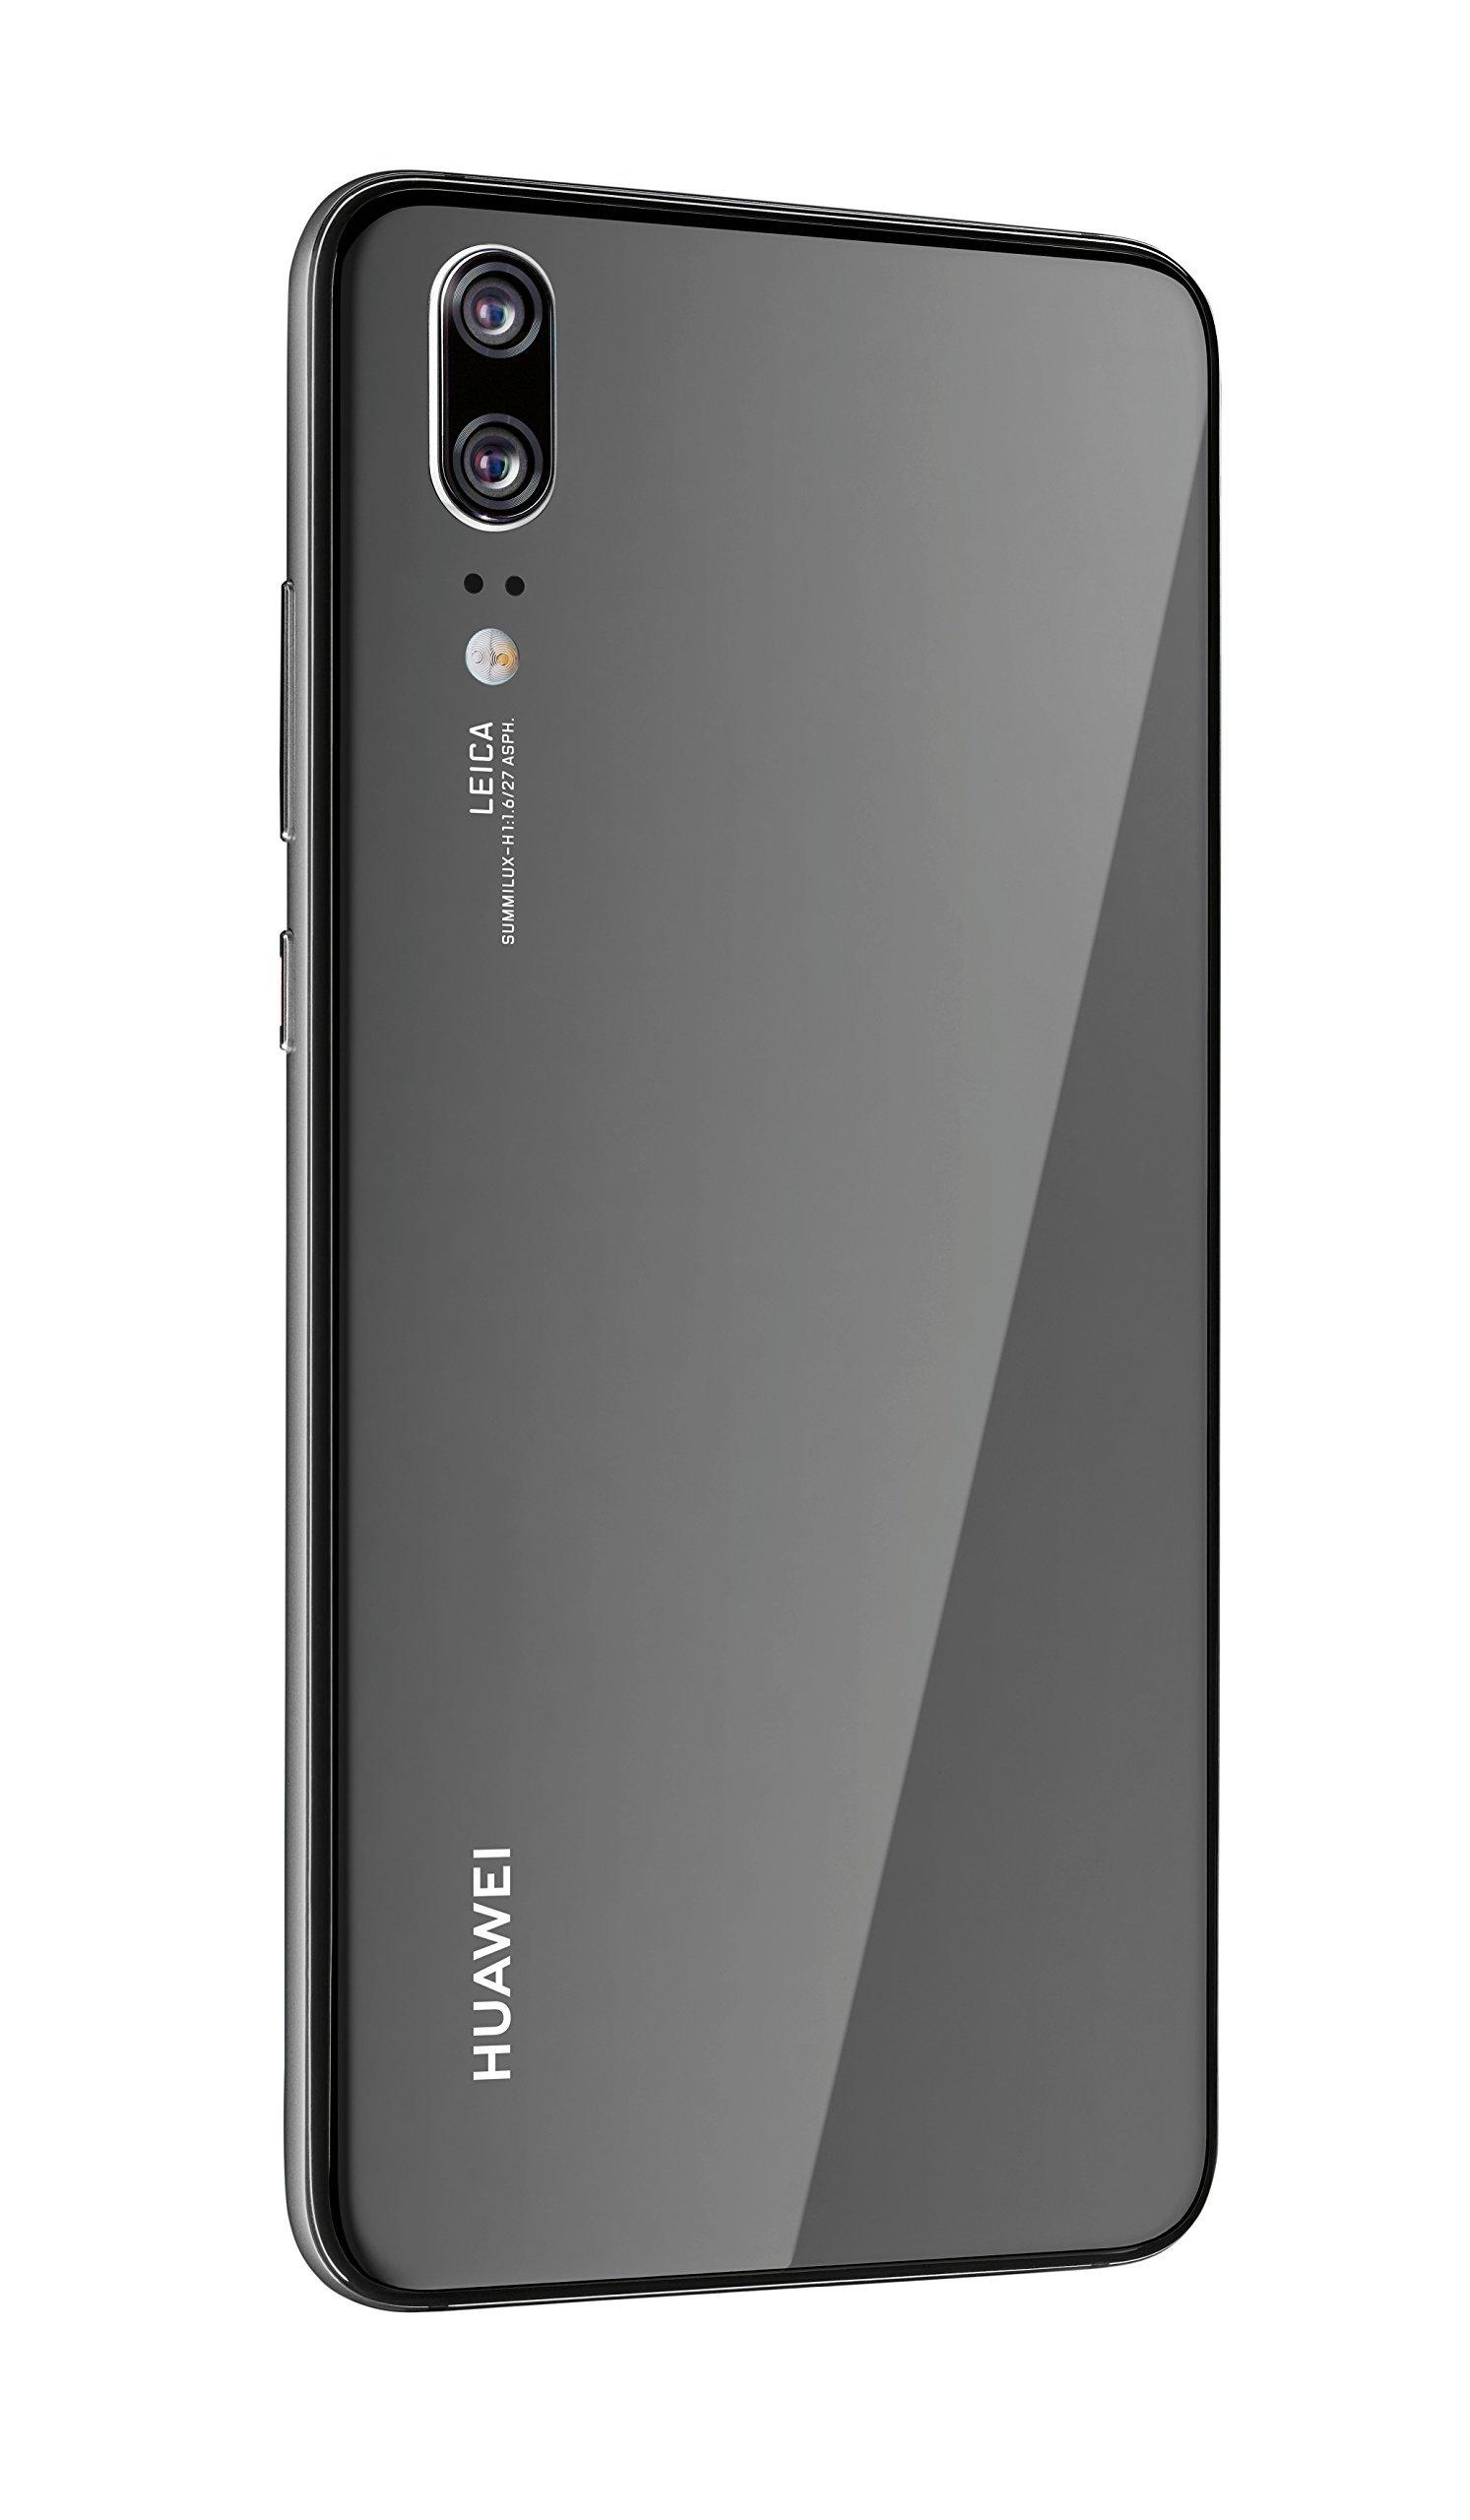 HUAWEI P20 Smartphone BUNDLE (14,7 cm (5,8 Zoll), 128GB interner Speicher, 4GB RAM, 20 MP Plus 12 MP Leica Dual Kamera, Android 8.1, EMUI 8.1) Schwarz + gratis Huawei AM61 Headset [Exklusiv bei Amazon] - Deutsche Version